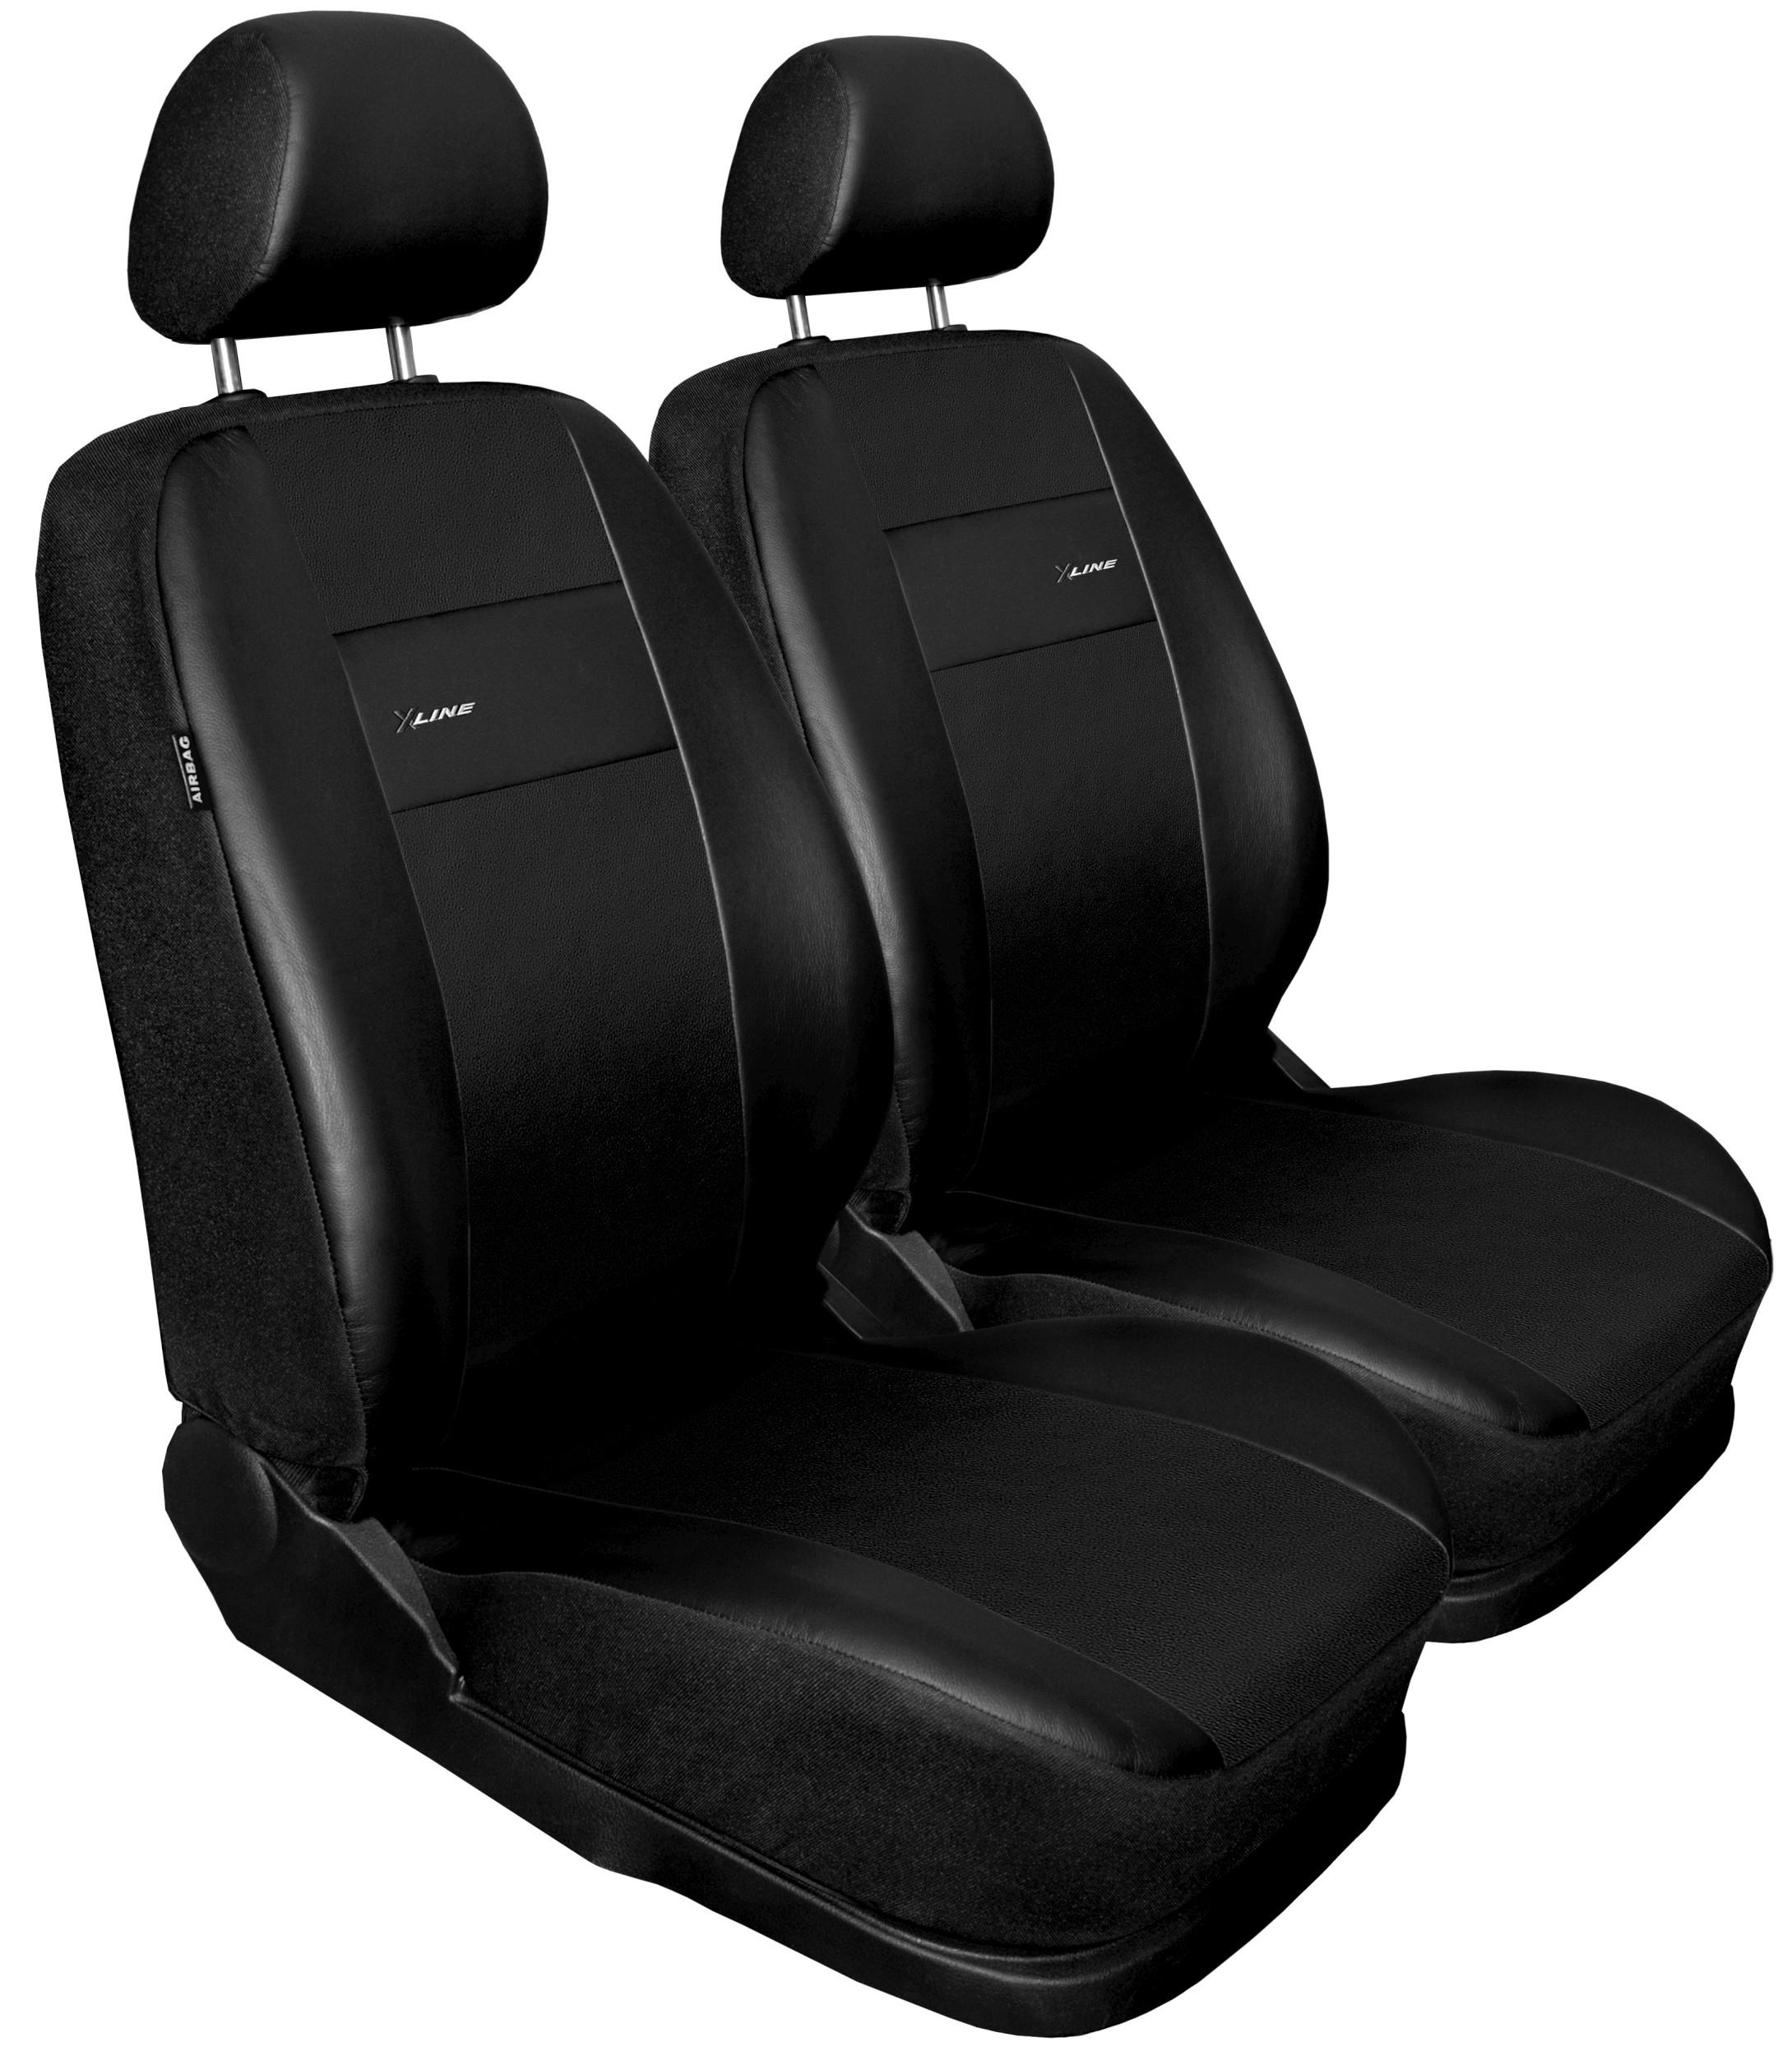 Autopotahy X-LINE kožené, sada pro dvě sedadla, černé